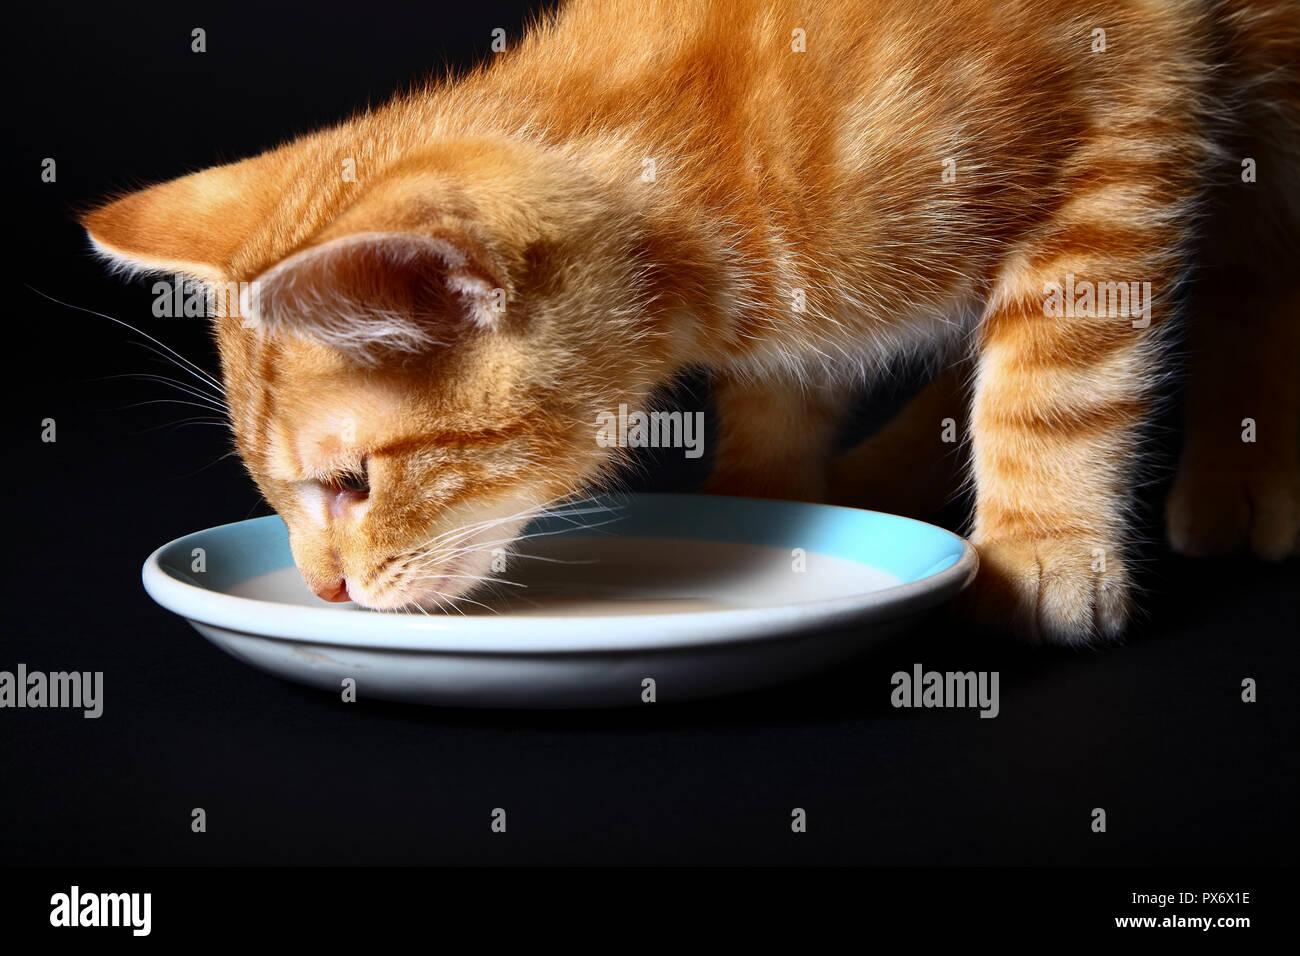 Ingwer Mackerel Tabby kitten Katze trinkt Milch aus einer Untertasse Stockfoto